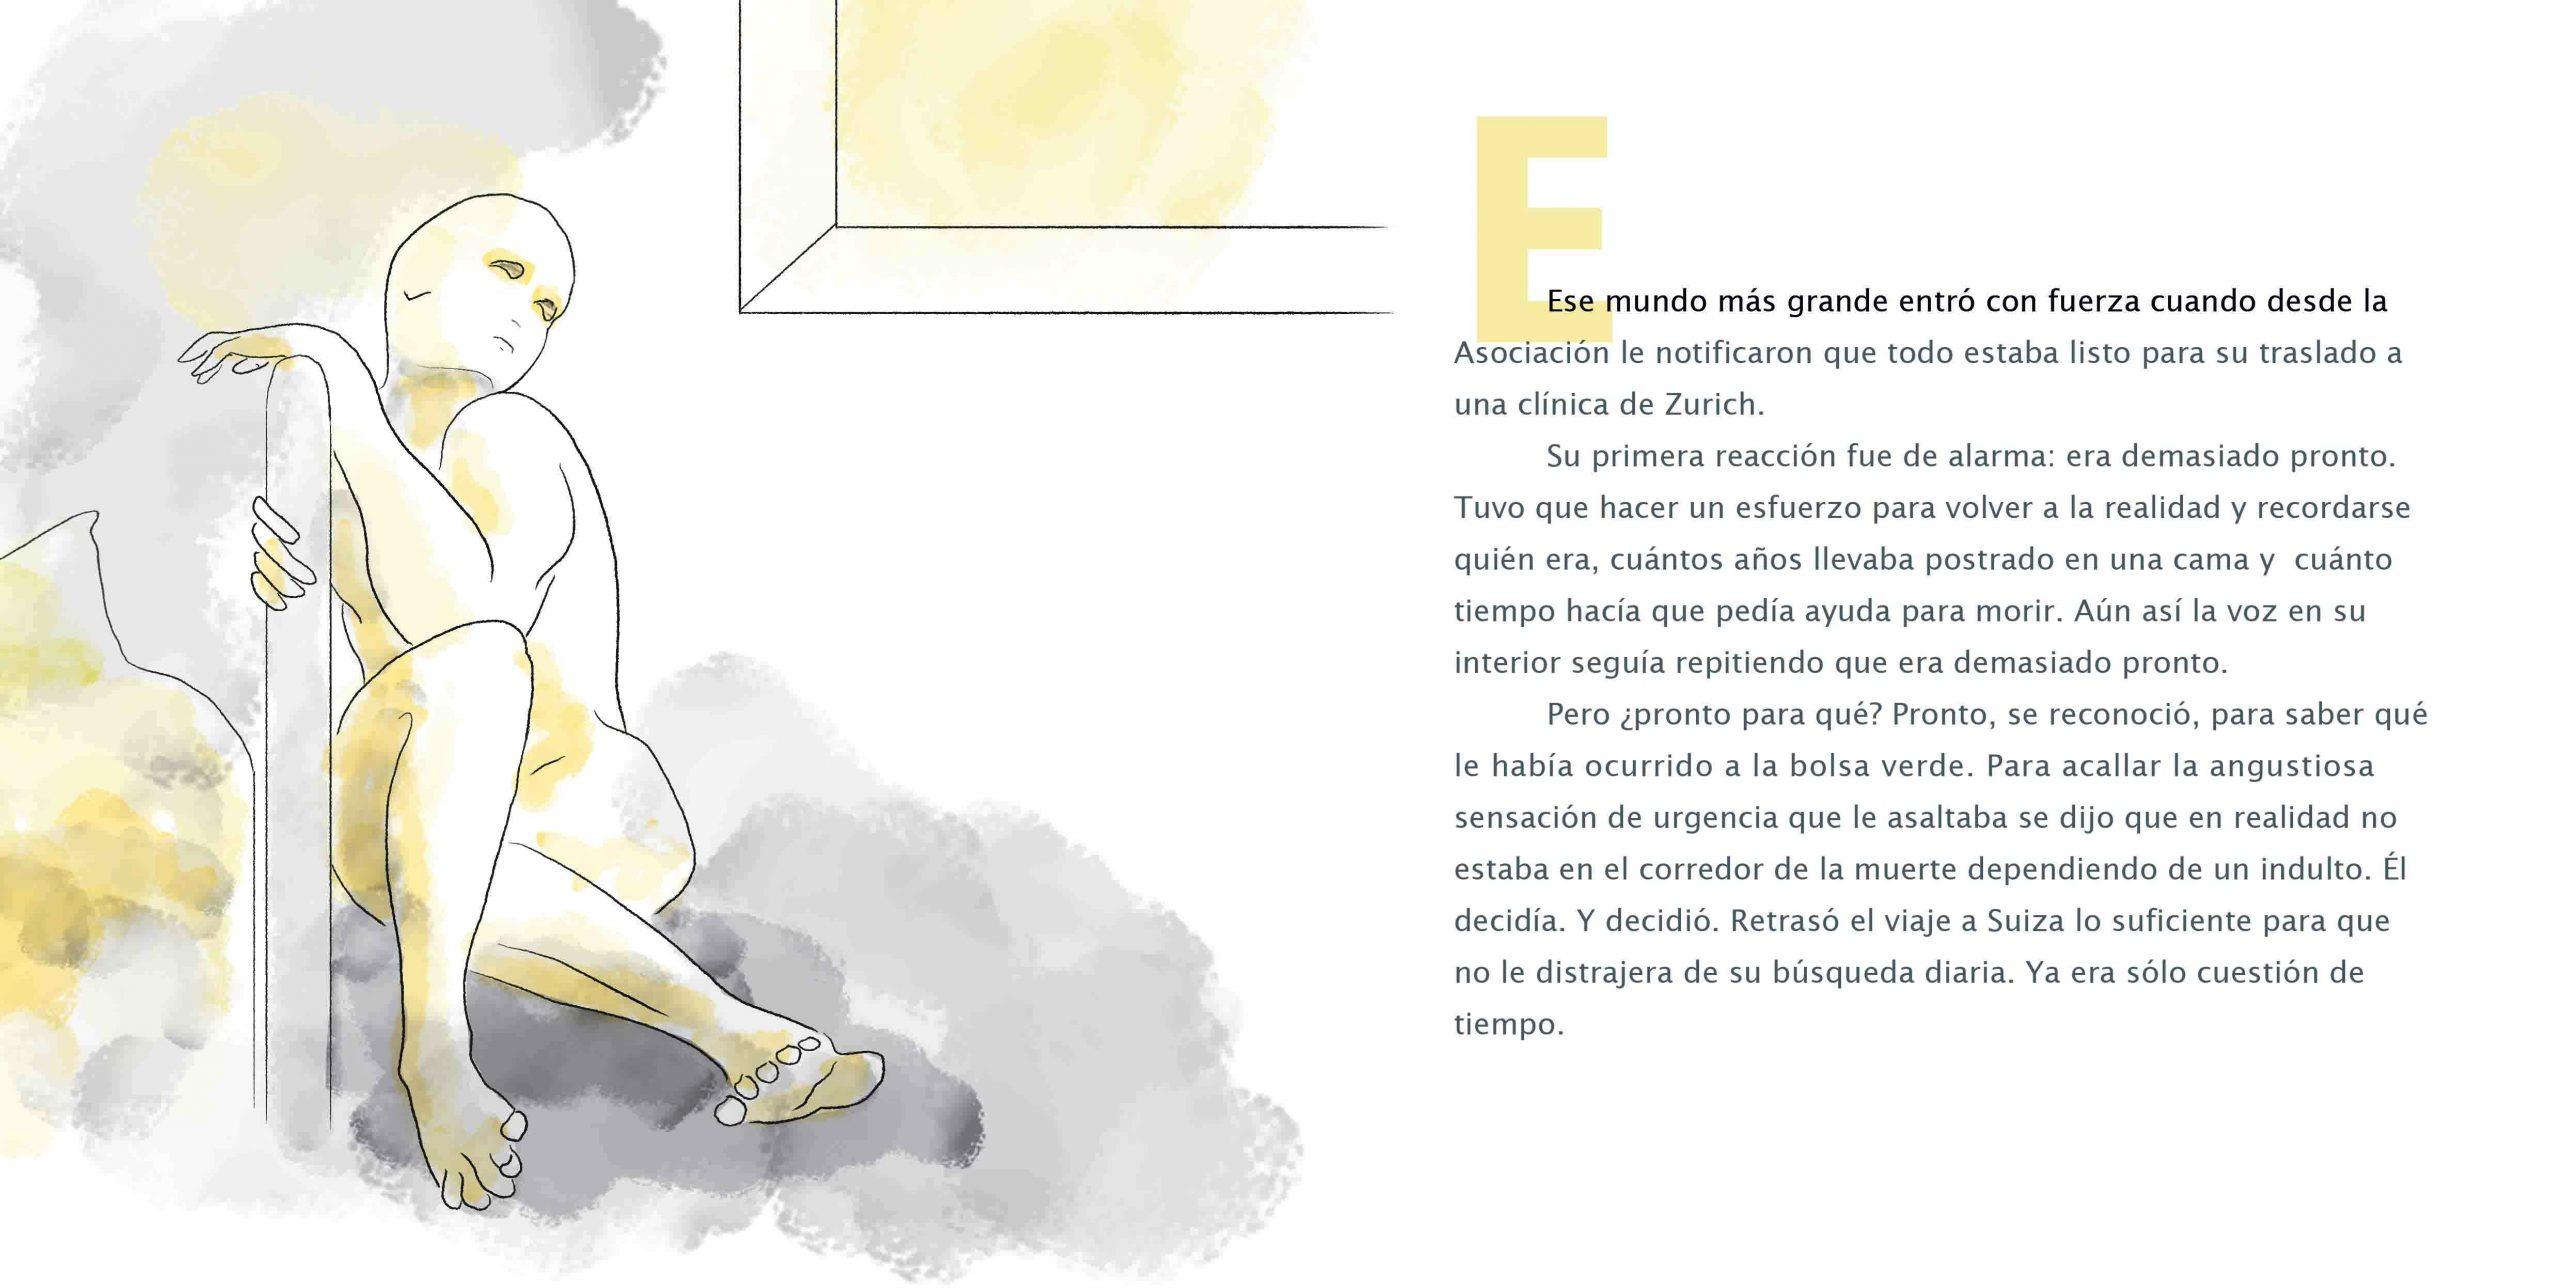 La Bolsa Verde Illustrated Album by Vivian Leila Campillo page 26-27